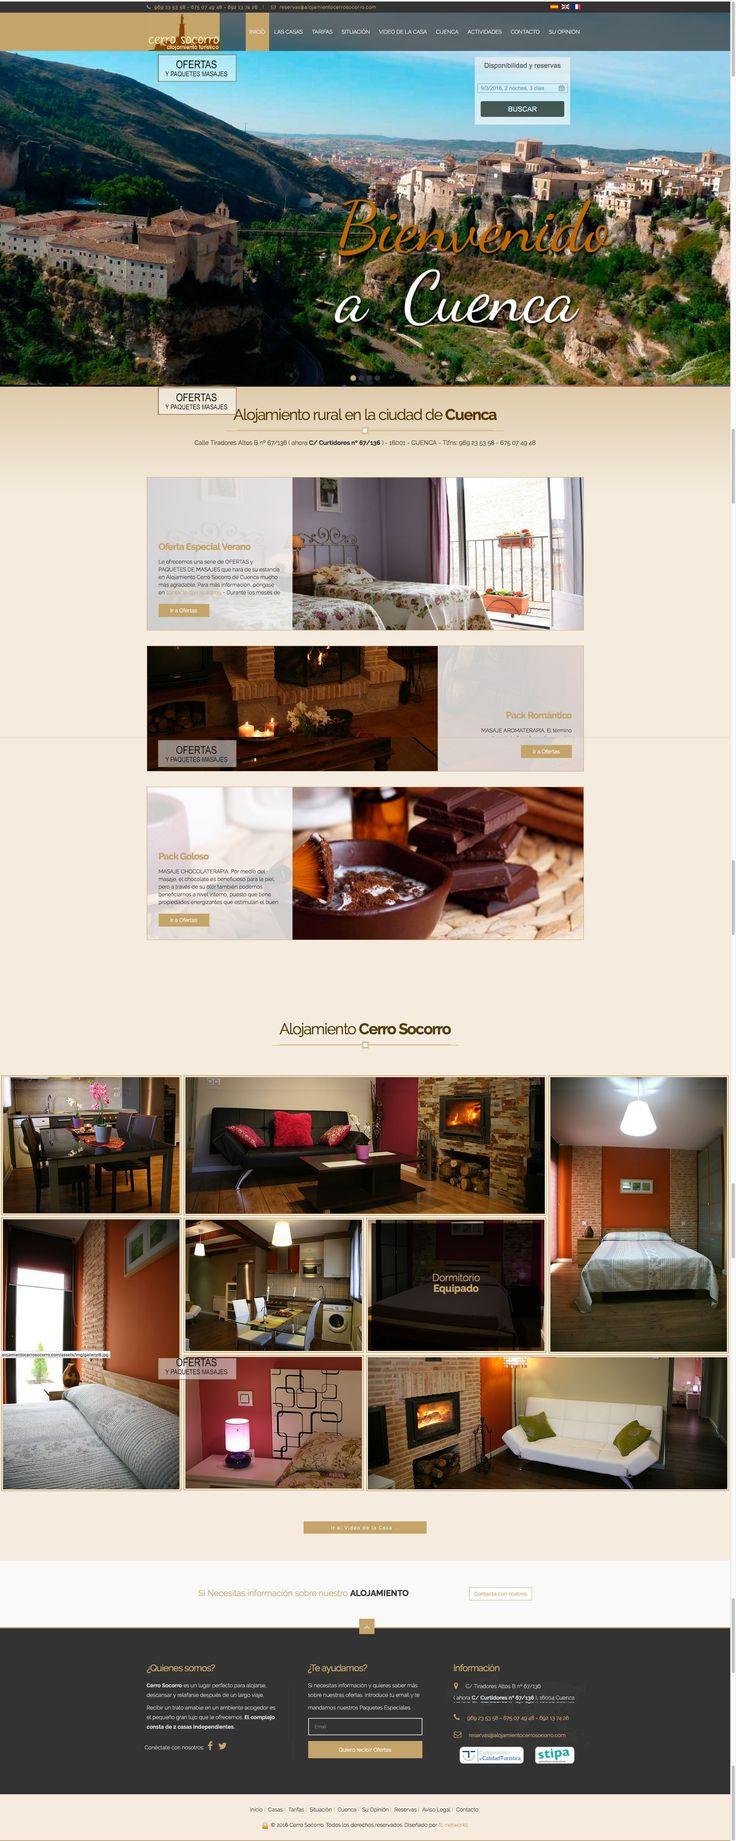 Os recomendamos la pagina de alojamiento cerro socorro si queréis quedaros un fin de semana en cuenca. http://www.alojamientocerrosocorro.com